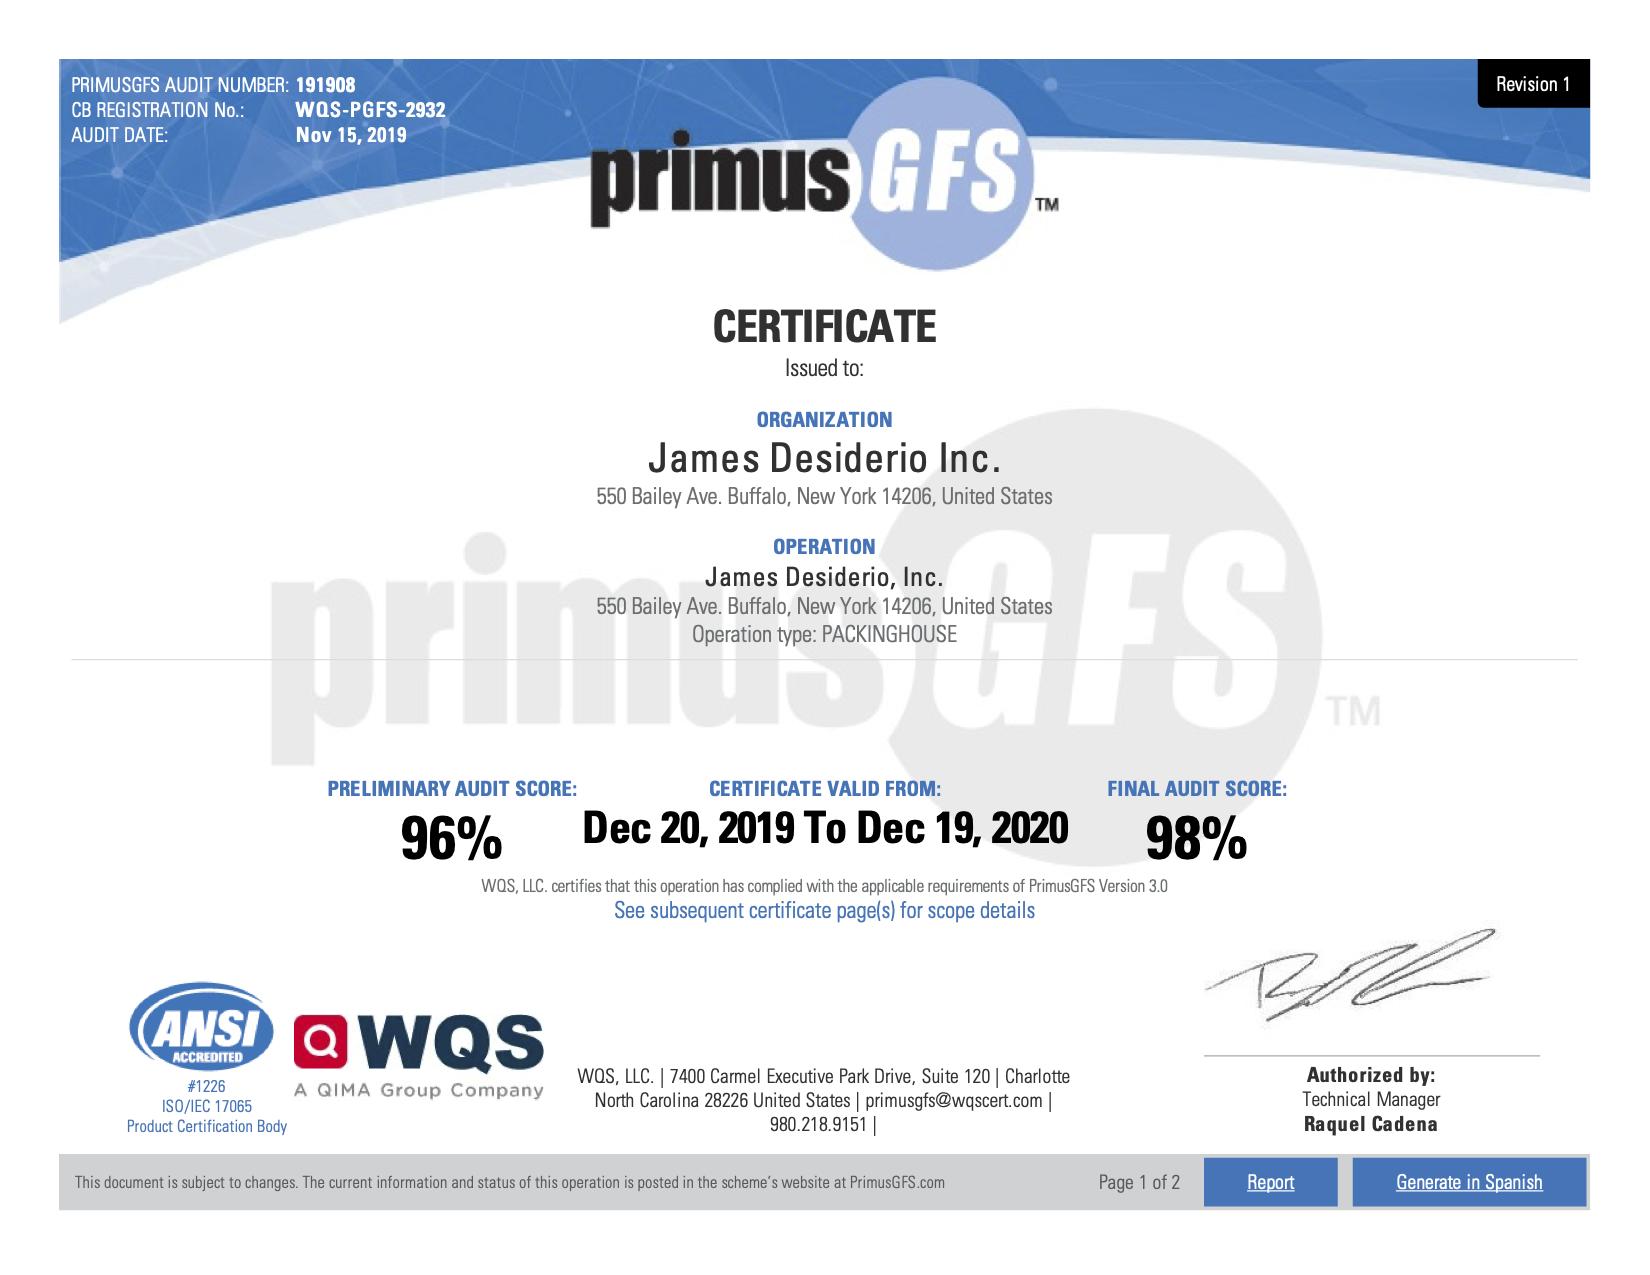 PGFS_Certificate_WQS-PGFS-2932_191908_0_